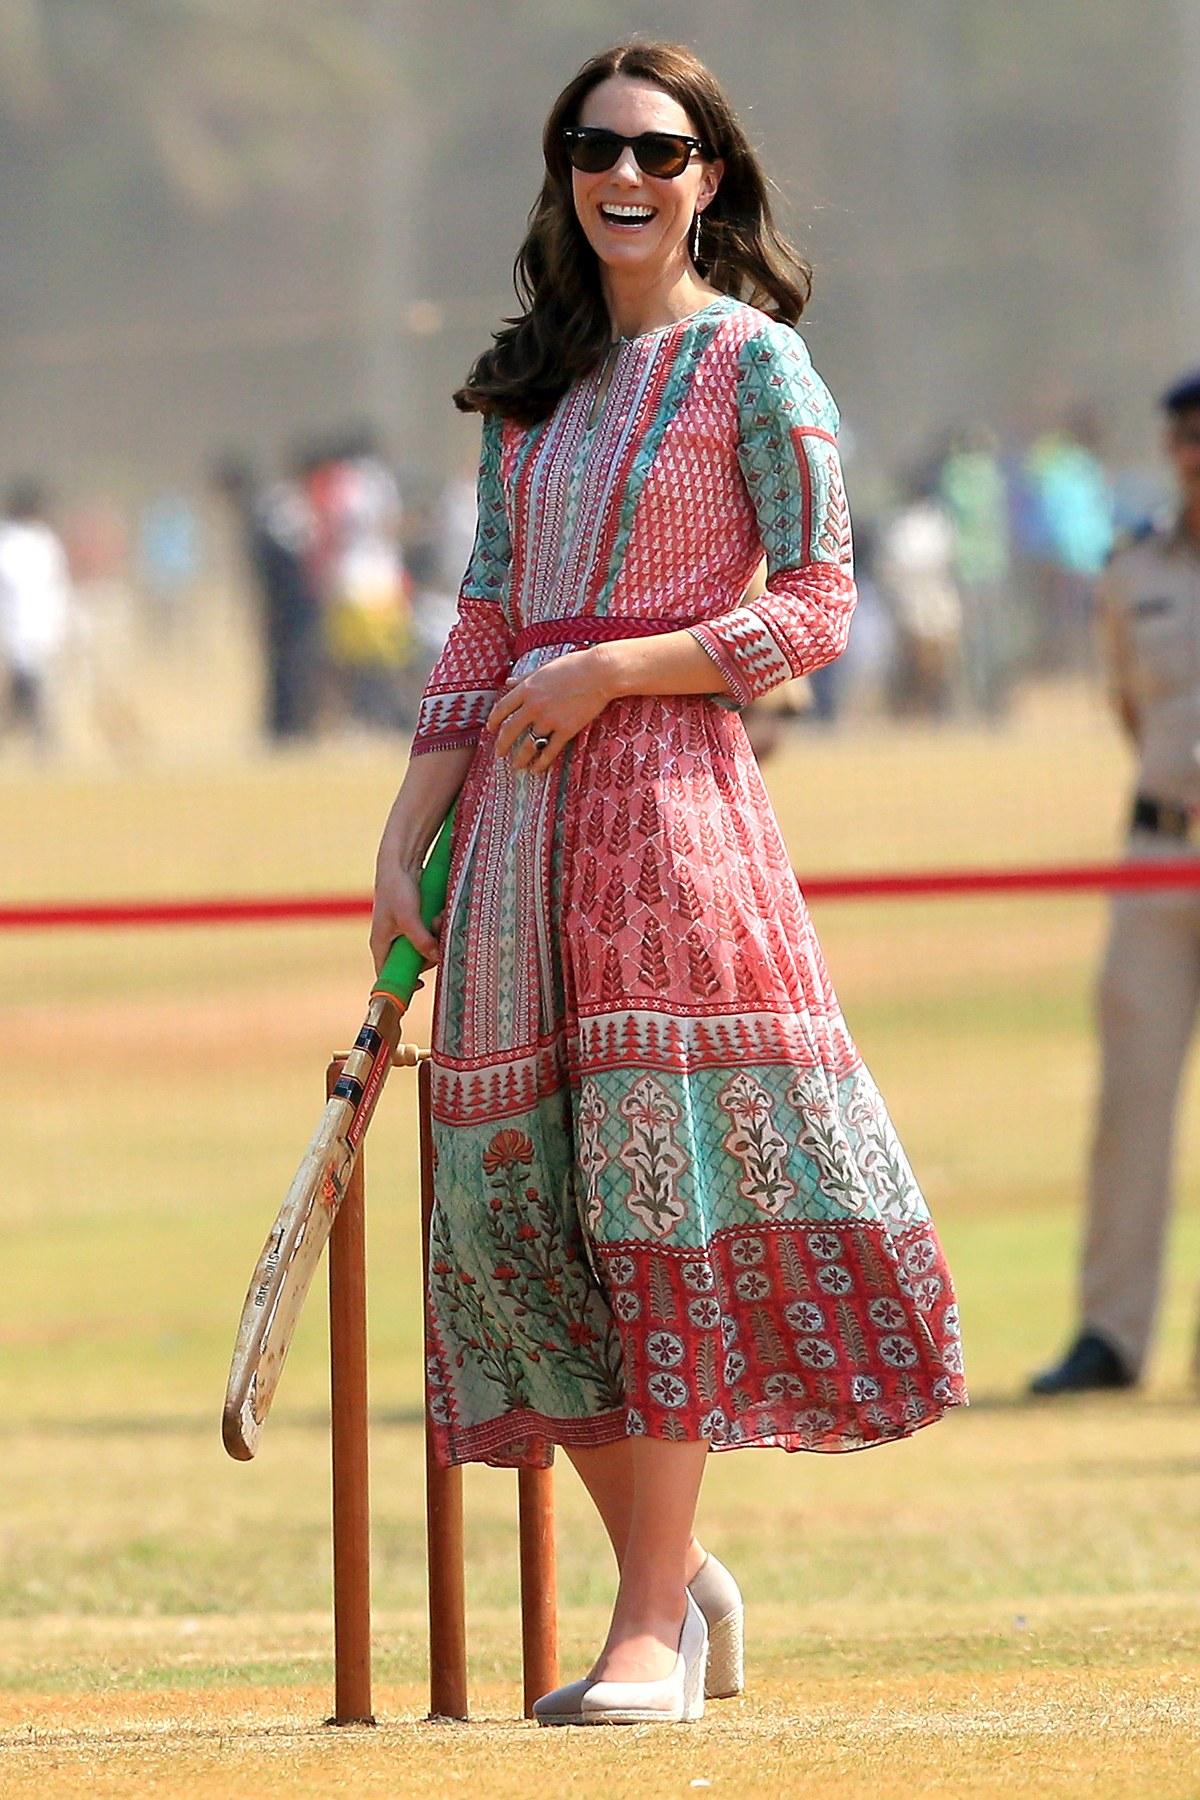 Công nương Kate chi hơn 1 tỉ VNĐ cho 17 bộ đồ trong tuần công du - Ảnh 3.